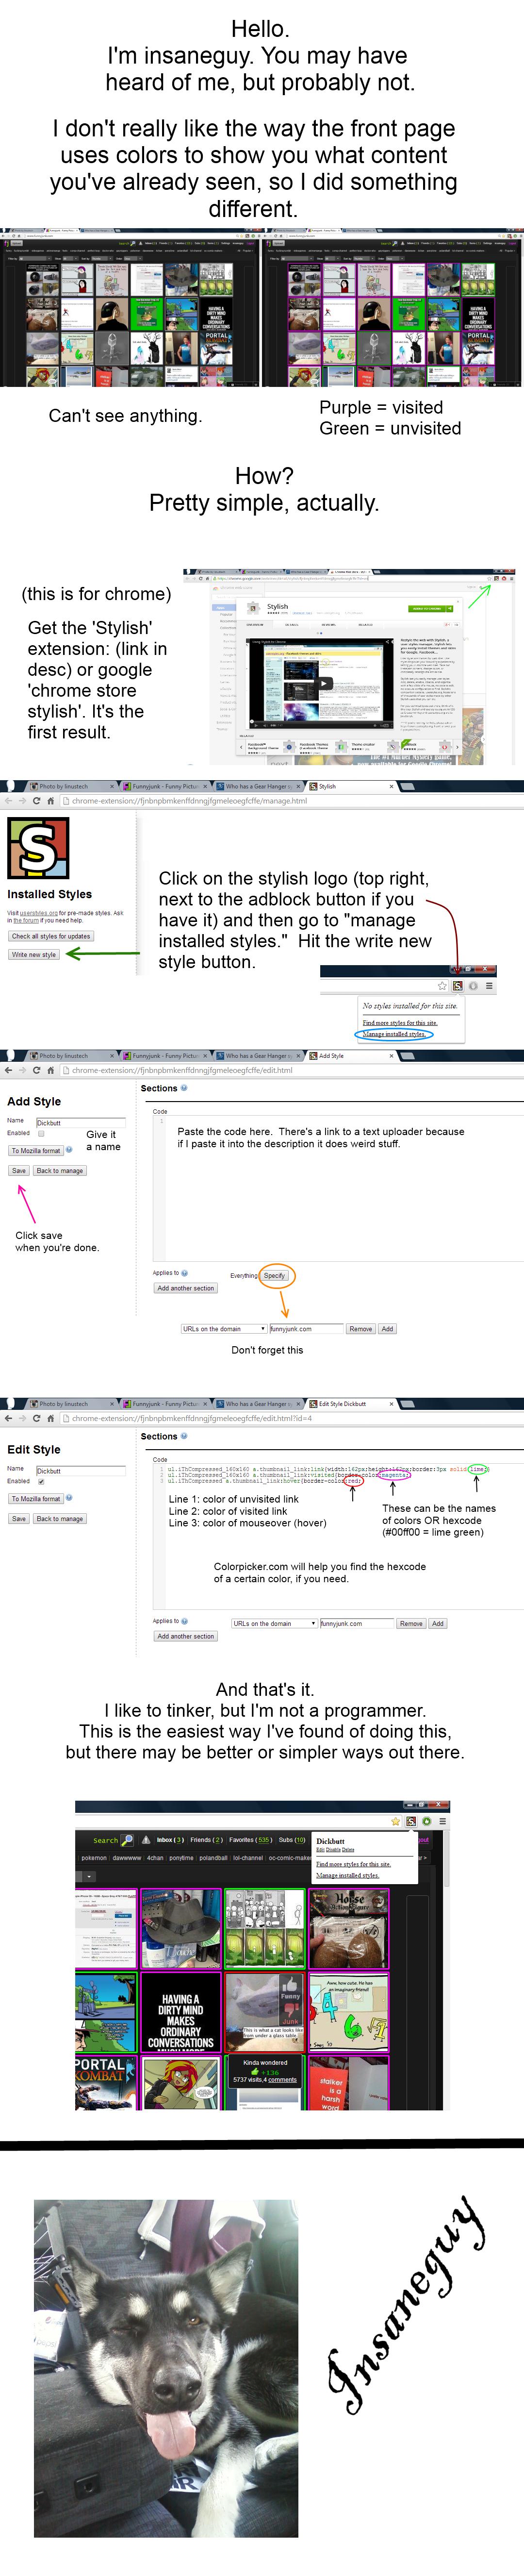 Easier browsing on fj. chrome.google.com/webstore/detail/stylish/fjnbnpbmkenffdnngjfgmeleoegfcffe?hl=en <--- chrome store stylish textuploader.com/1cai <- Easier browsing on FJ insaneguy color change